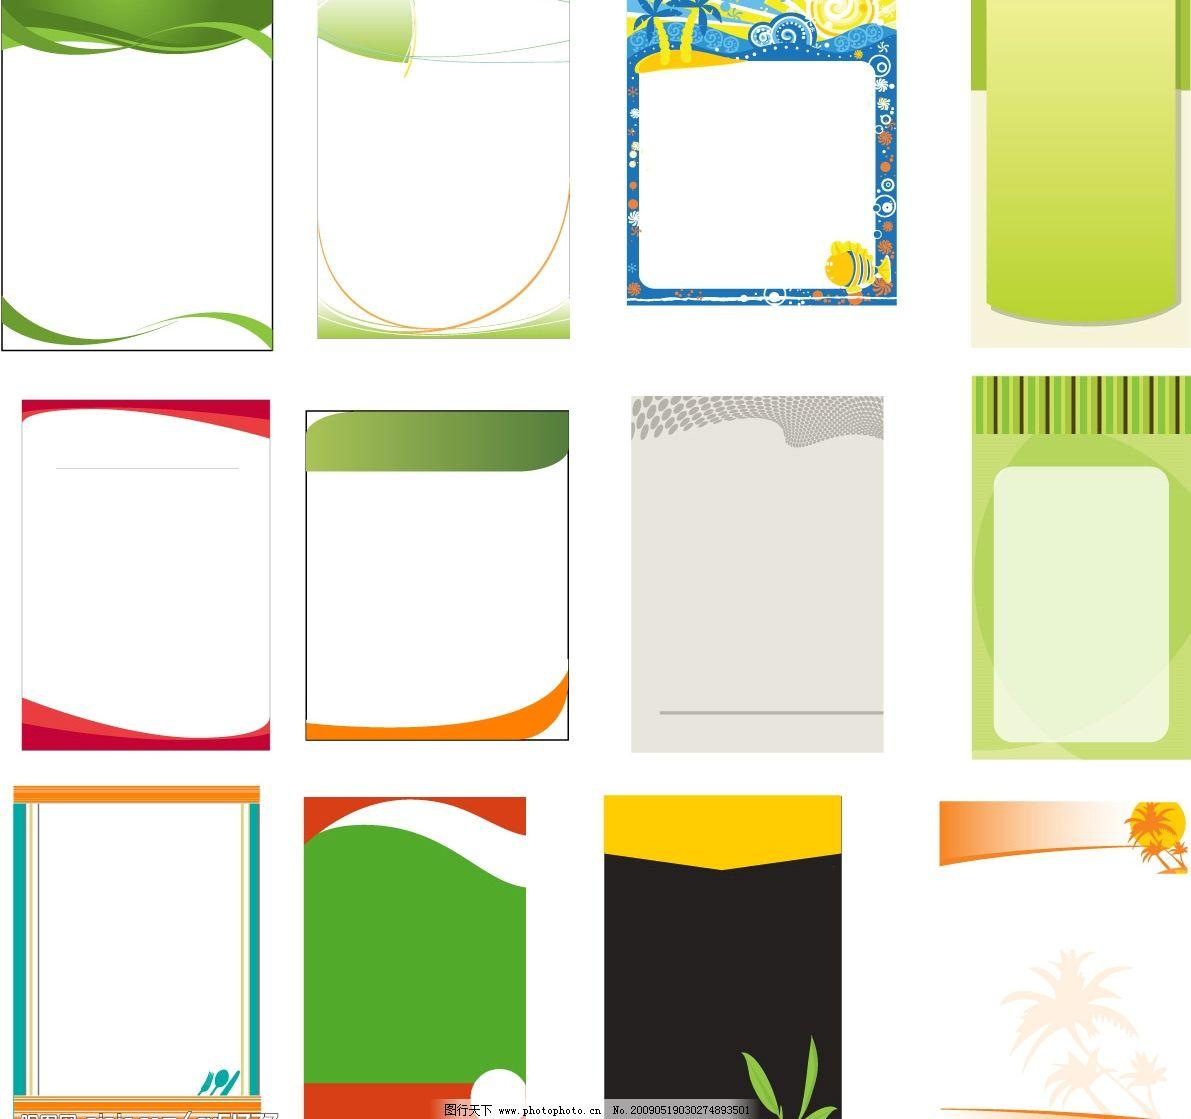 展板 各类模板 曲线 边框 素材 常用 线条 广告设计 展板模板 矢量